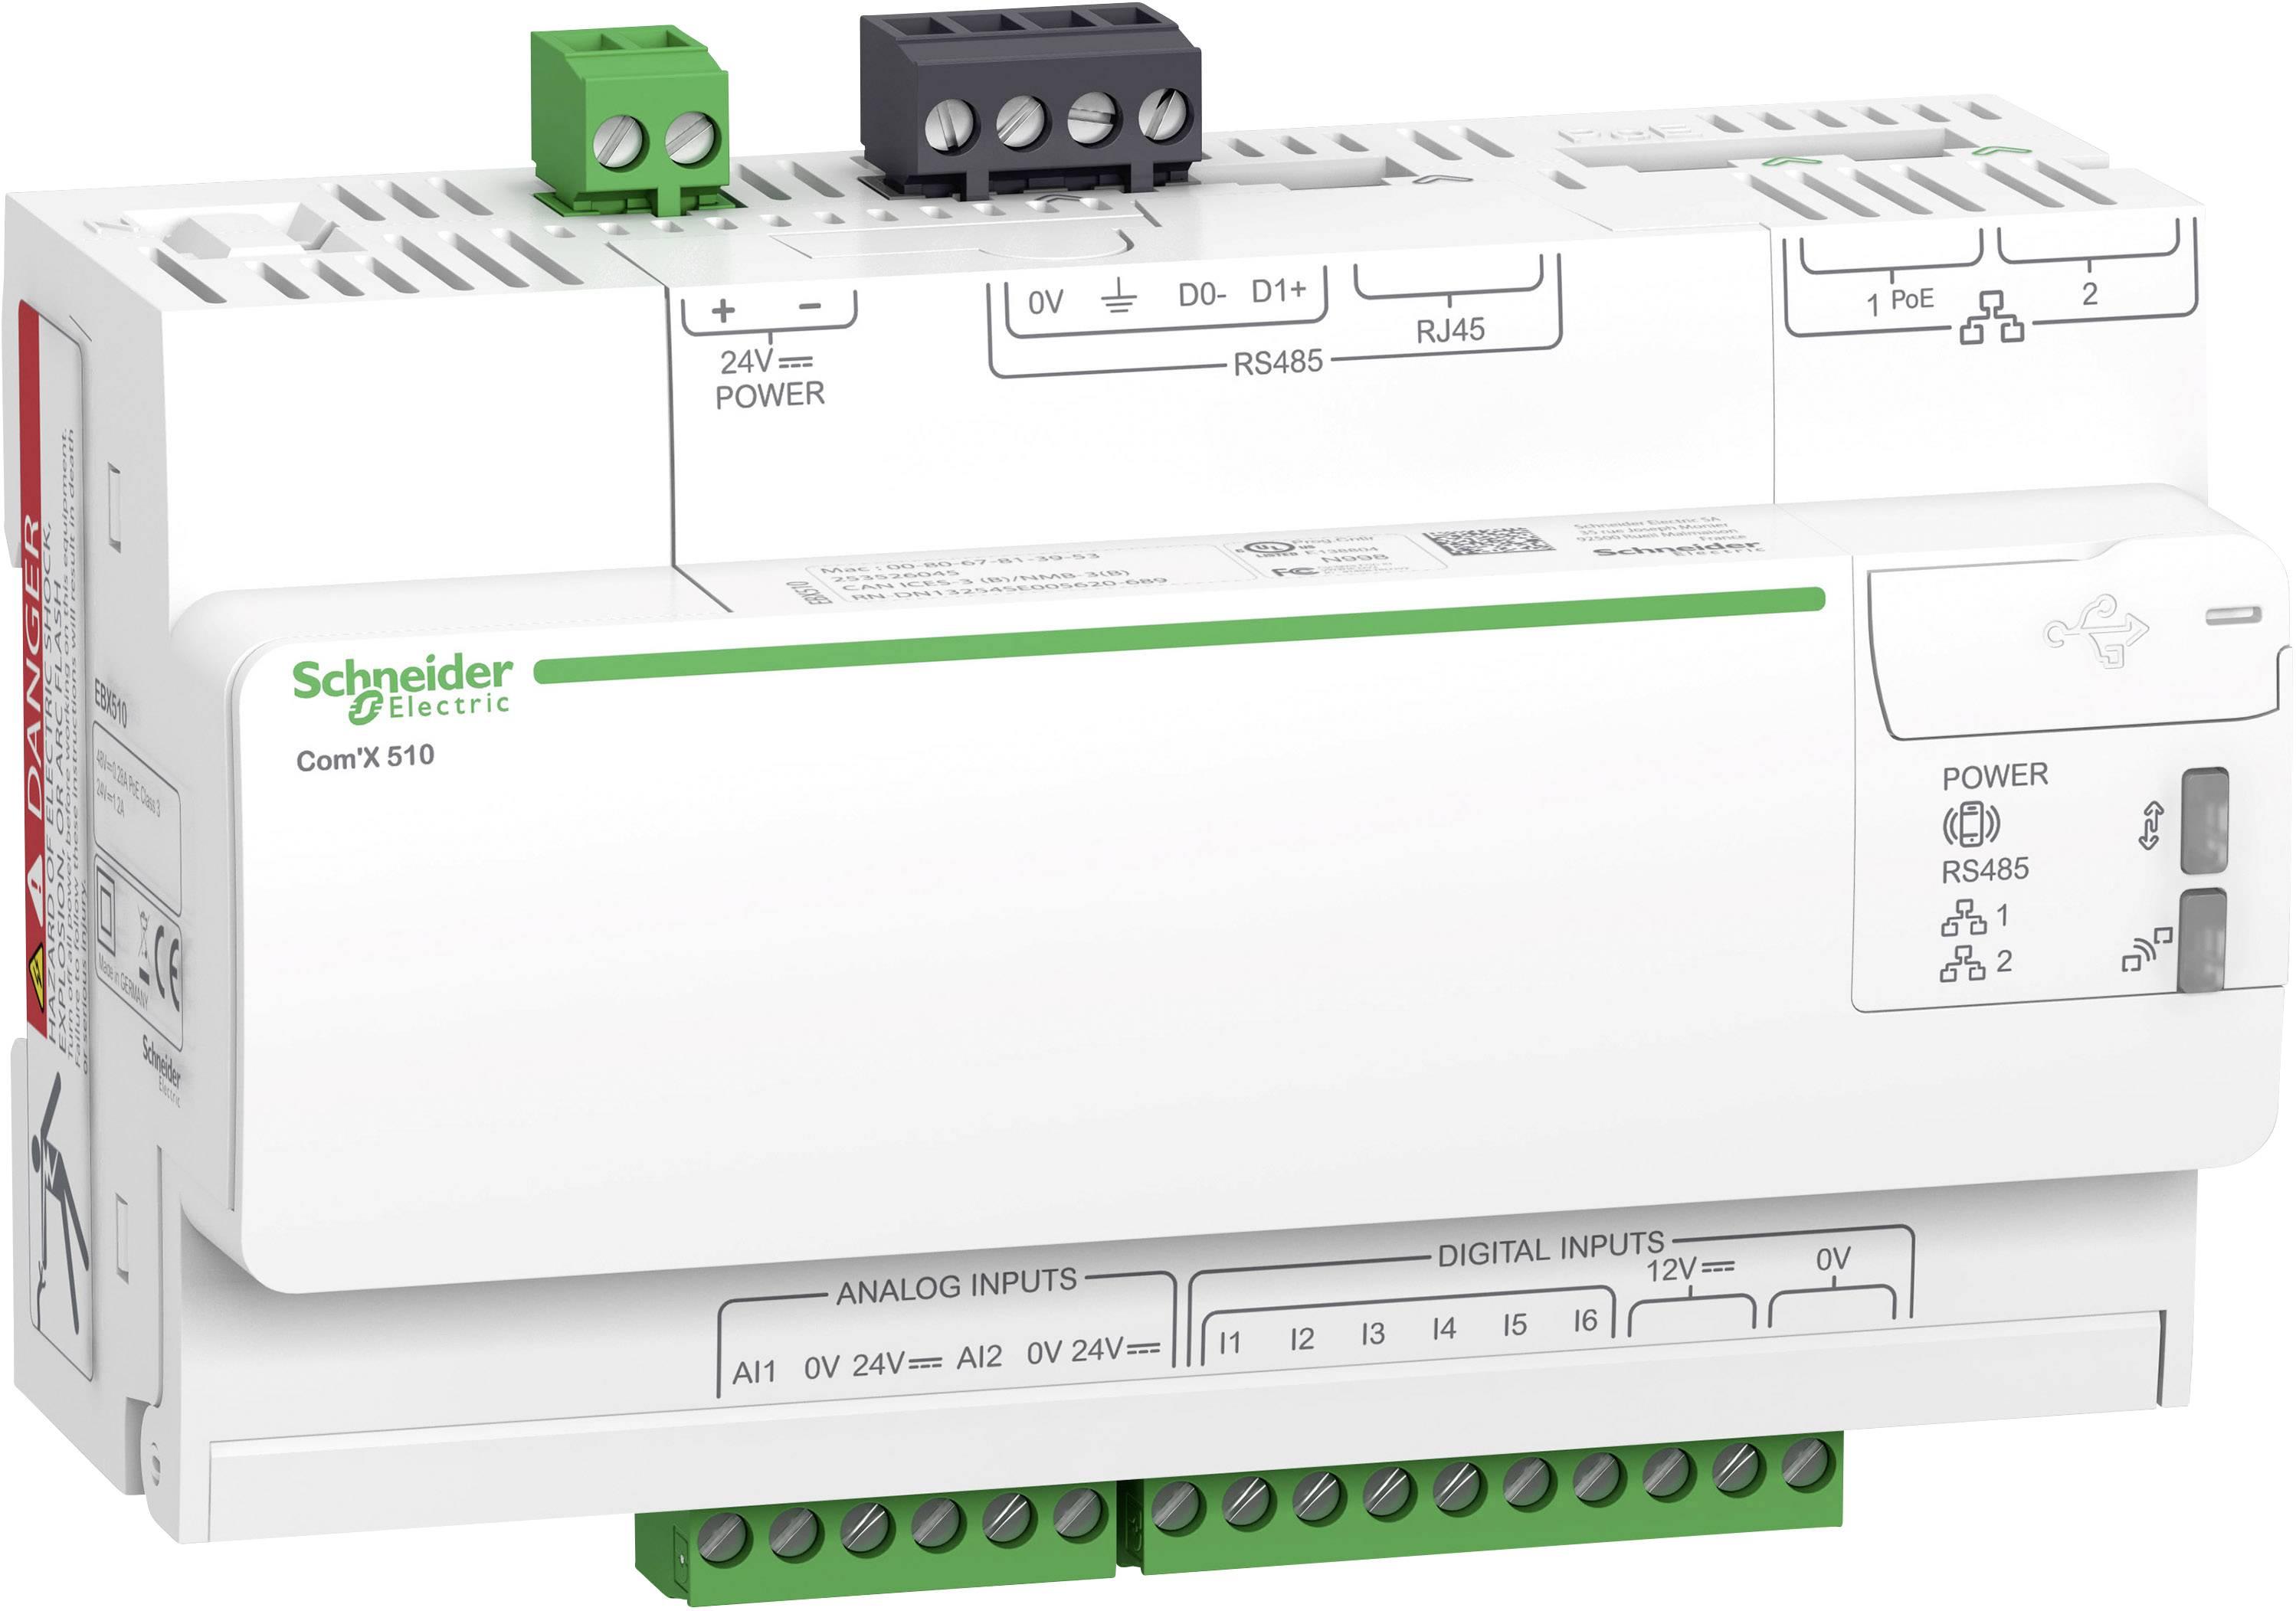 Měřič spotřeby el. energie Schneider Electric Modelů EBX510, EBX510